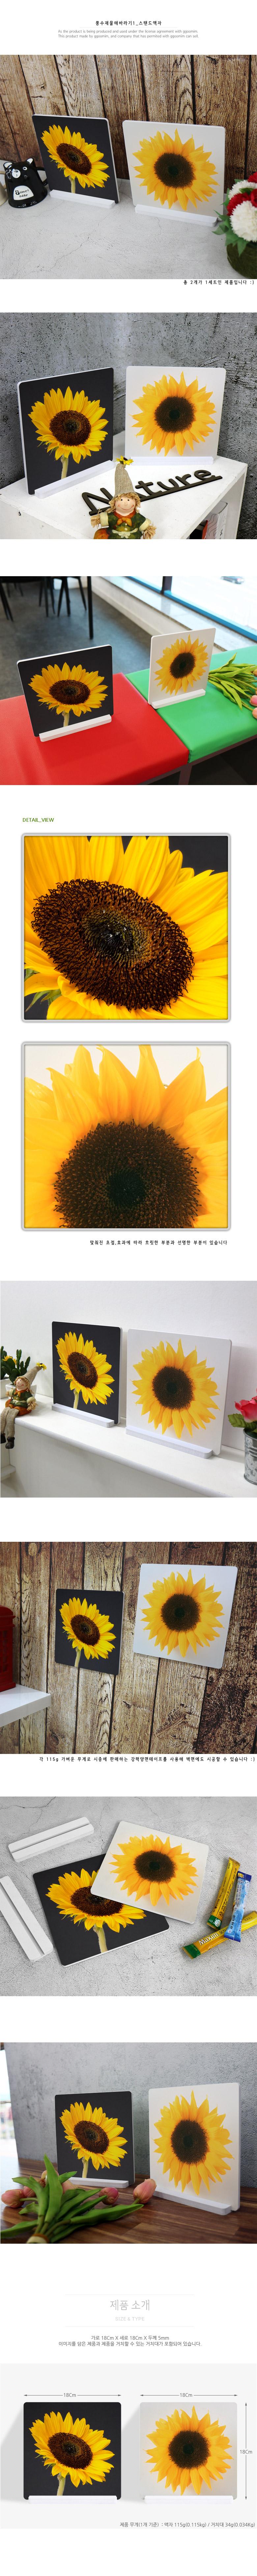 스탠드액자2P_풍수재물해바라기1 - 꾸밈, 16,000원, 홈갤러리, 사진아트